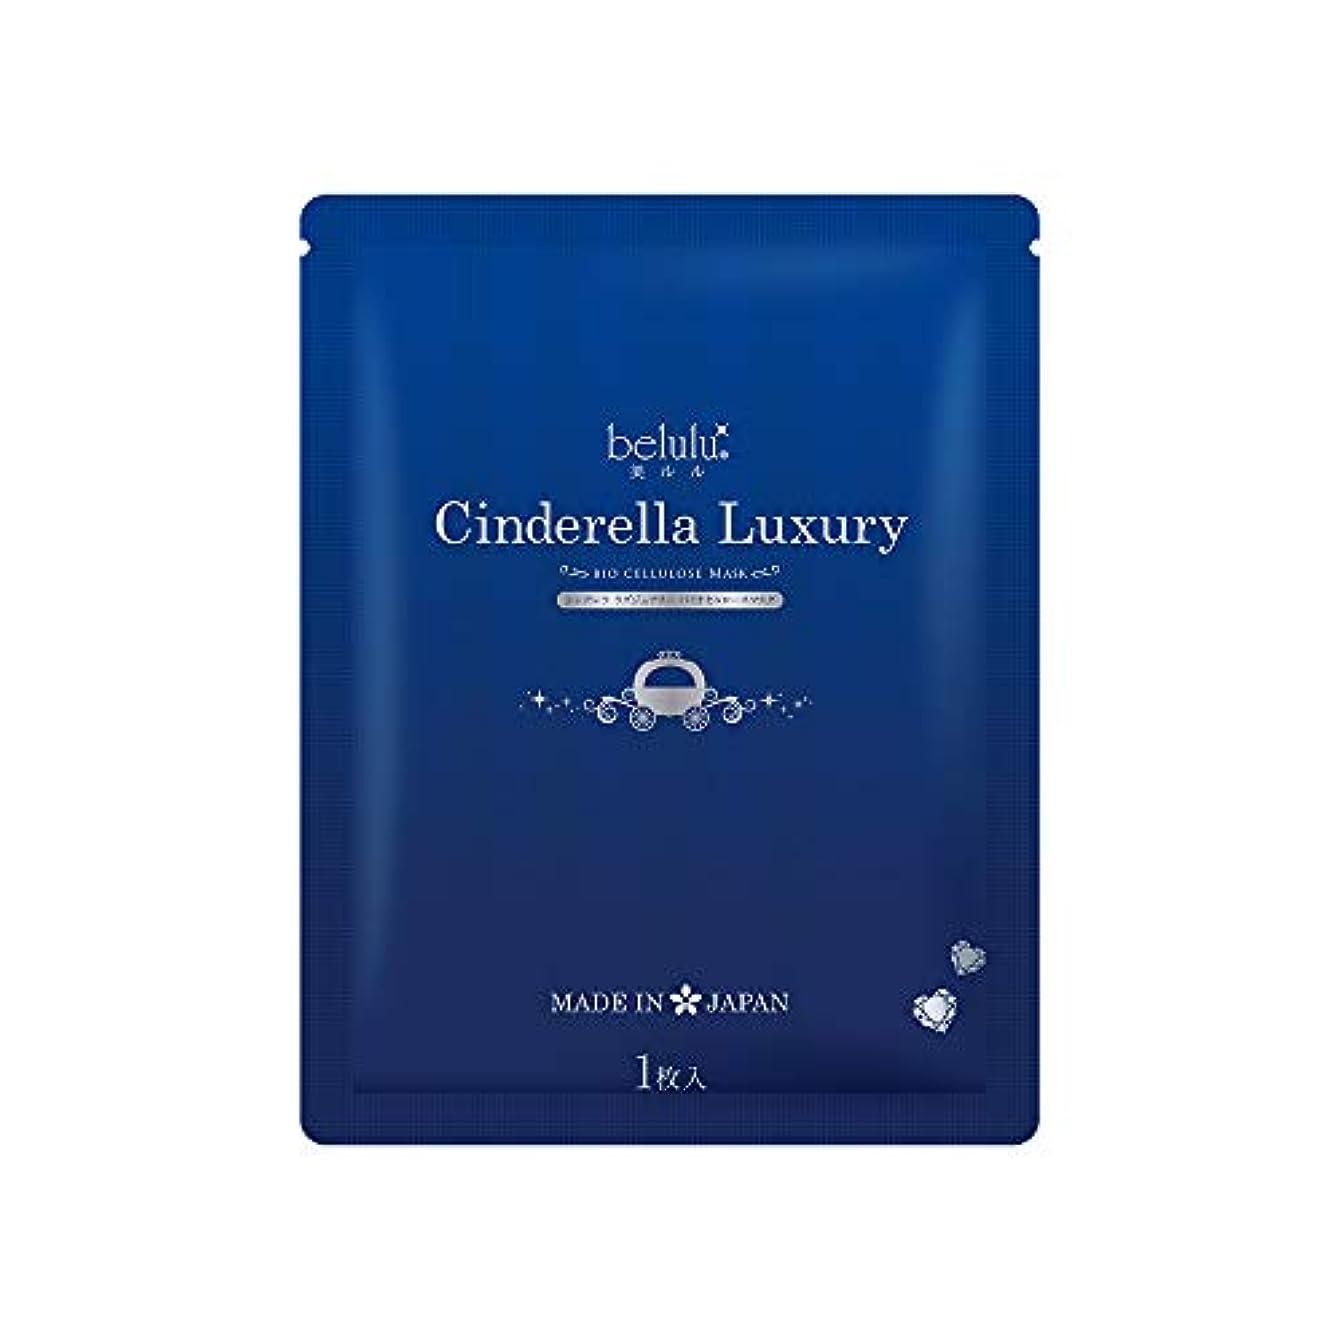 詐欺スポンジ偽フェイスマスク 美ルル シンデレラ ラグジュアリー パック 美白 保湿 美肌 日本製 belulu Cinderella Luxury